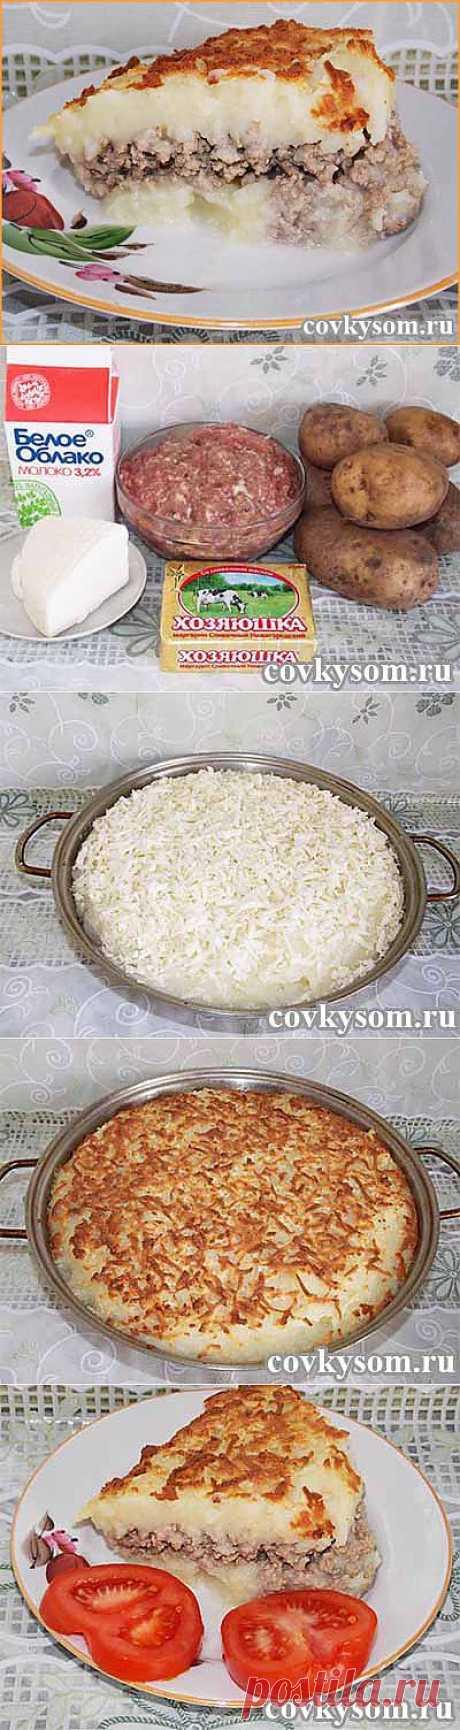 Картофельная запеканка с мясным фаршем | Со вкусом